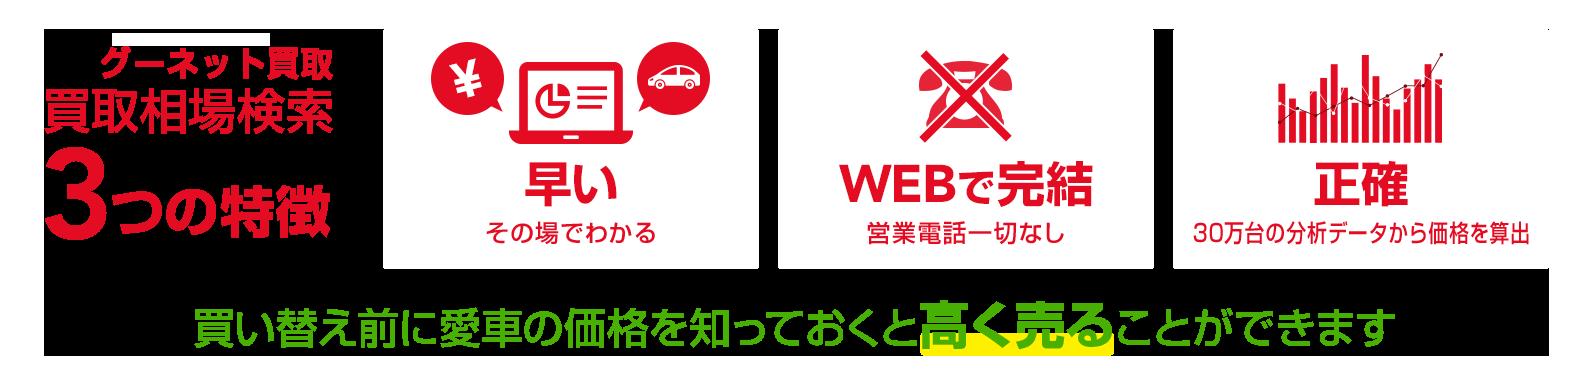 グーネット買取買取相場検索の3つの特徴「早い」「WEBで完 結」「正確」/買い替え前に愛車の価格を知っておくと高く売ることができます